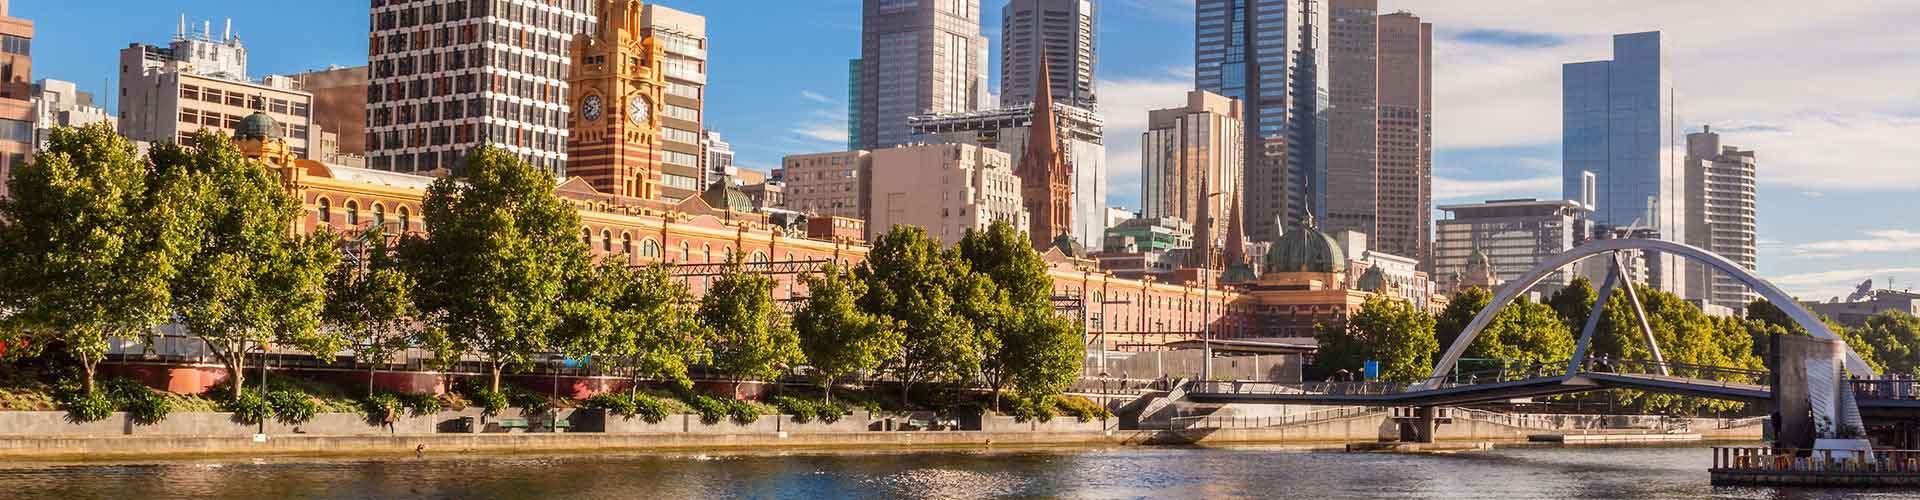 Melbourne - Zimmer in Melbourne. Melbourne auf der Karte. Fotos und Bewertungen für jedes Zimmer in Melbourne.